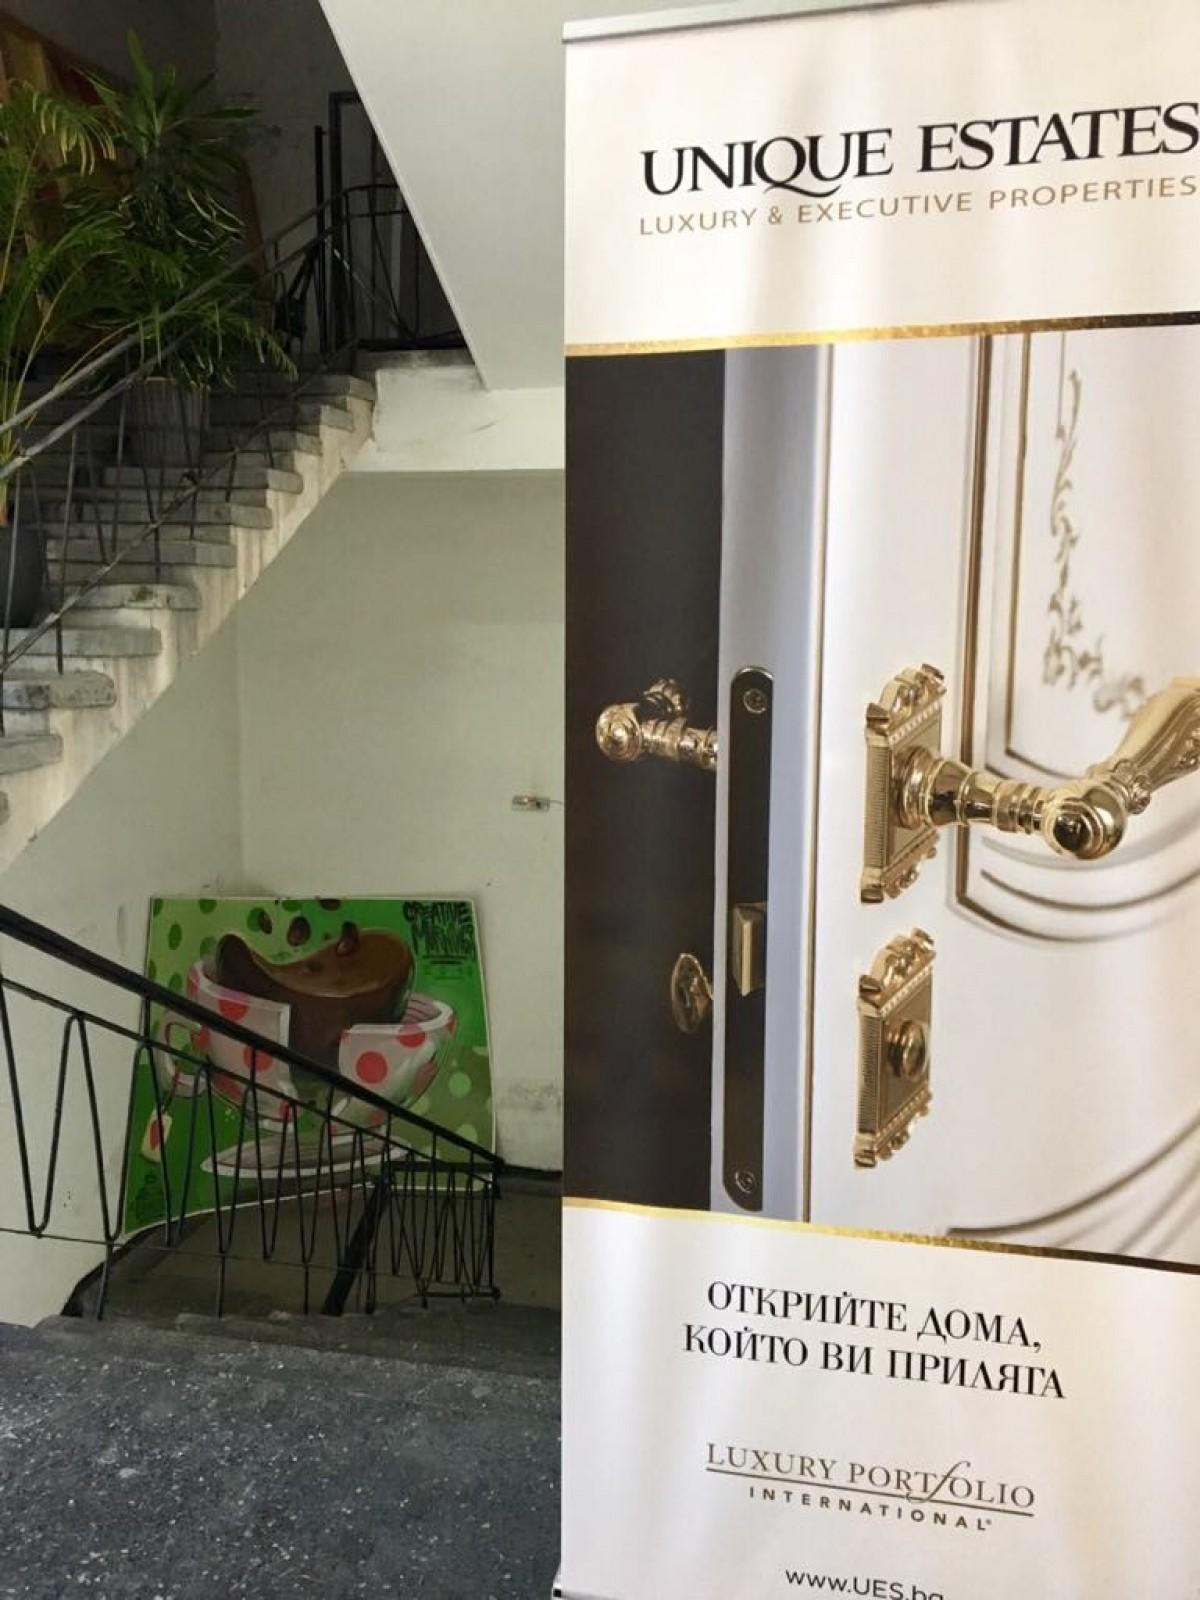 Седем световни имена в различни сфери на дизайна пристигнаха в София за фестивала МЕЛБА